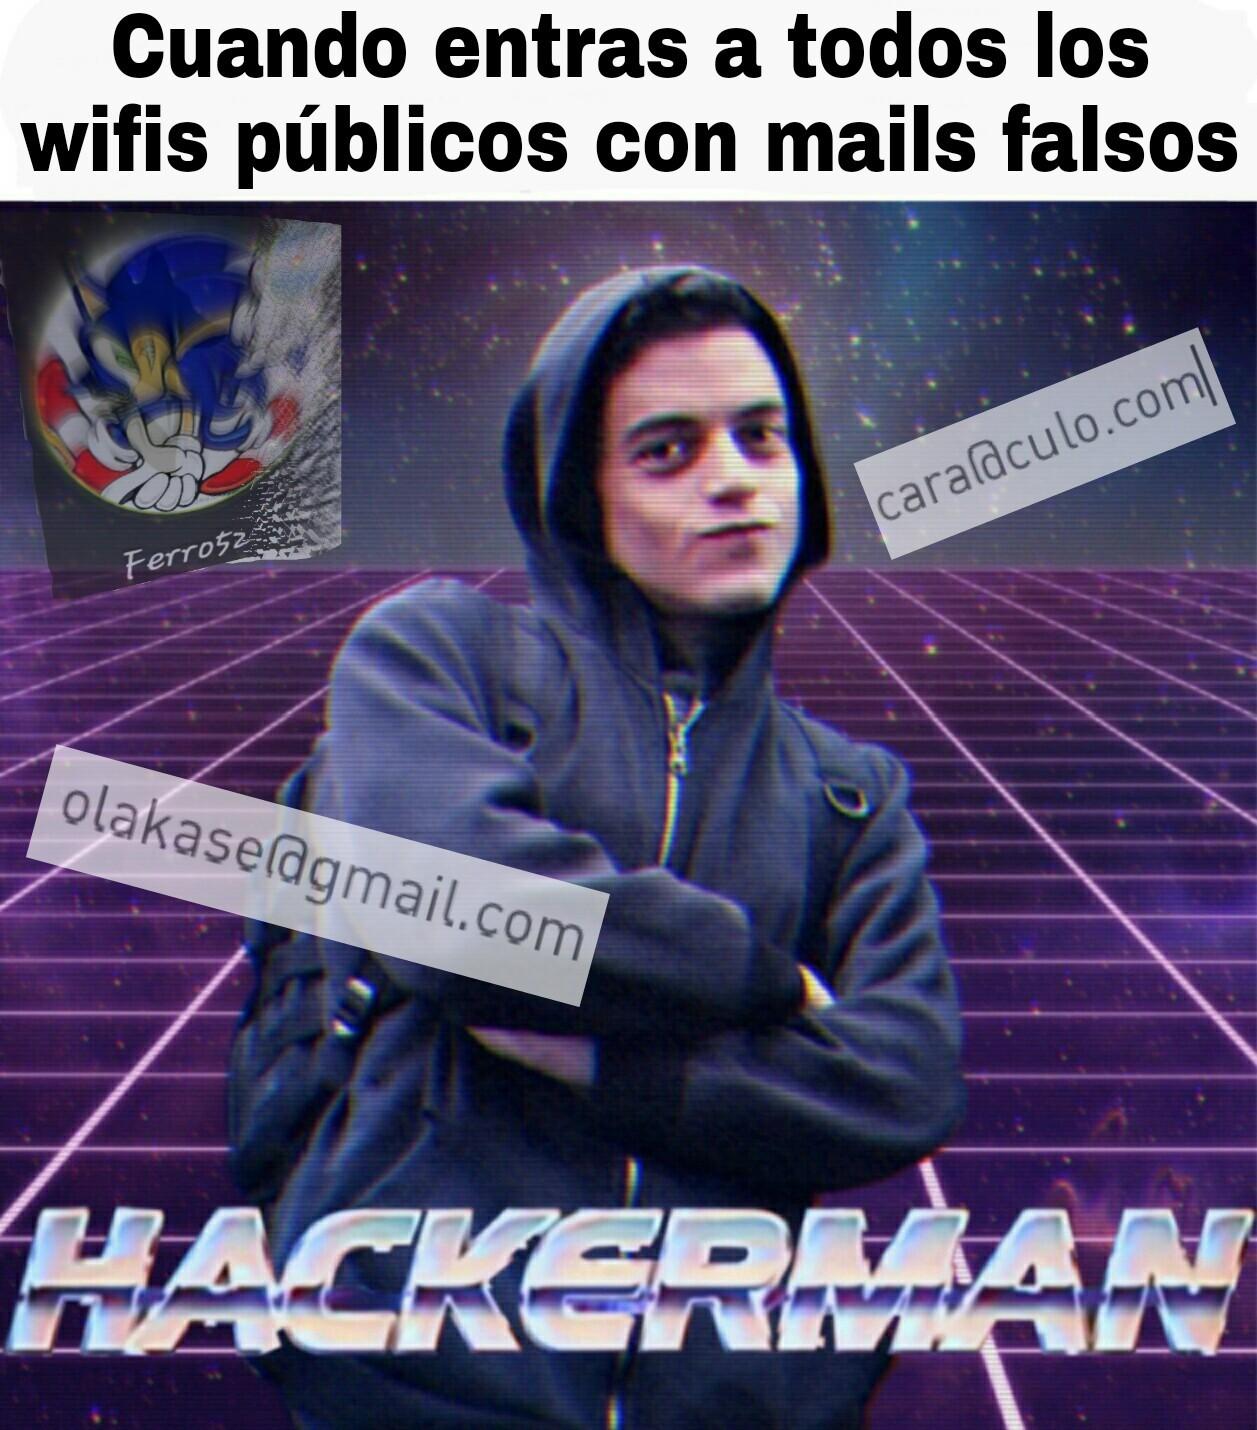 Siempre lo hago, para tener el wifi infinito gratis - meme